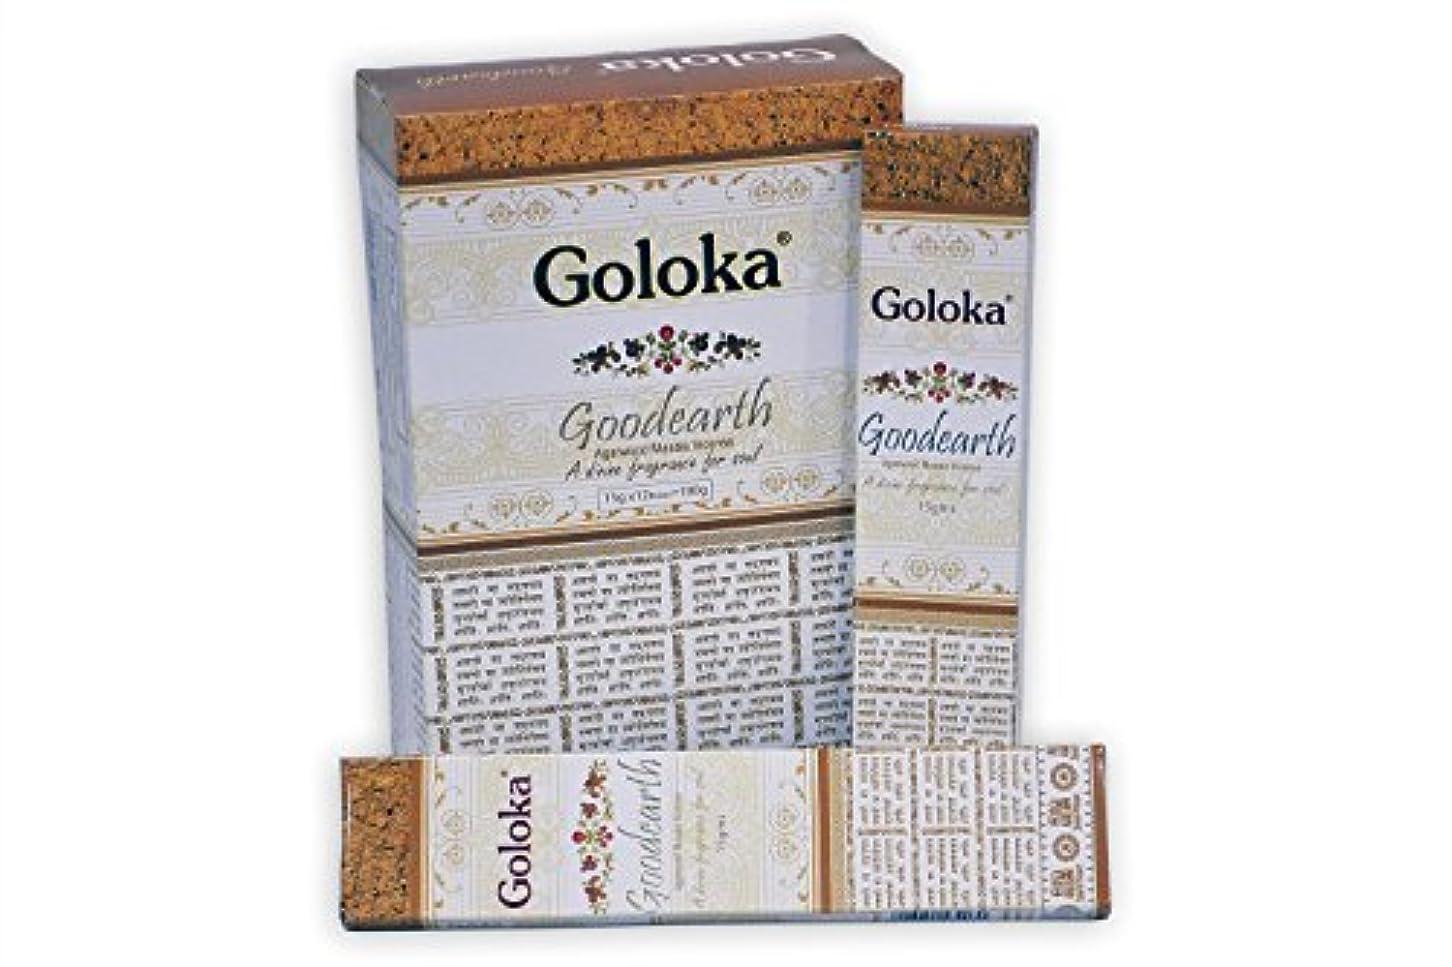 飢えた悪化させる最もGolokaプレミアムシリーズコレクションHigh End Incense sticks- 6ボックスの15 gms (合計90 gms )